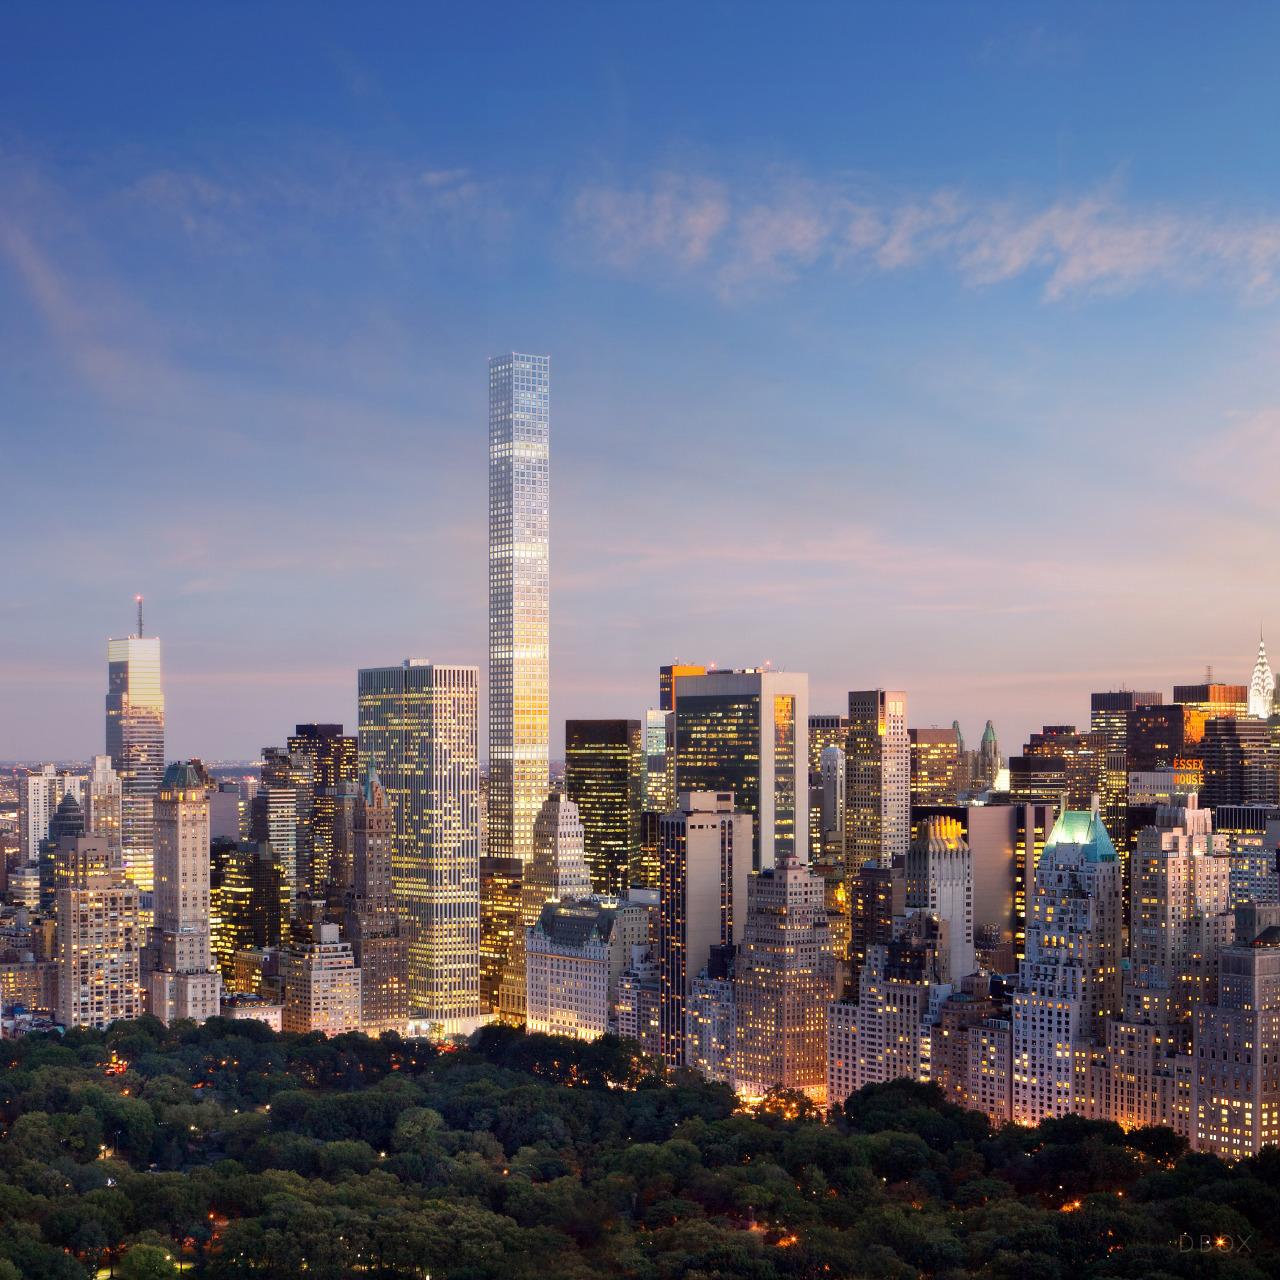 432 Park Avenue, DBOX, Macklowe Properties, Vinoly, Deborah Berke (51)